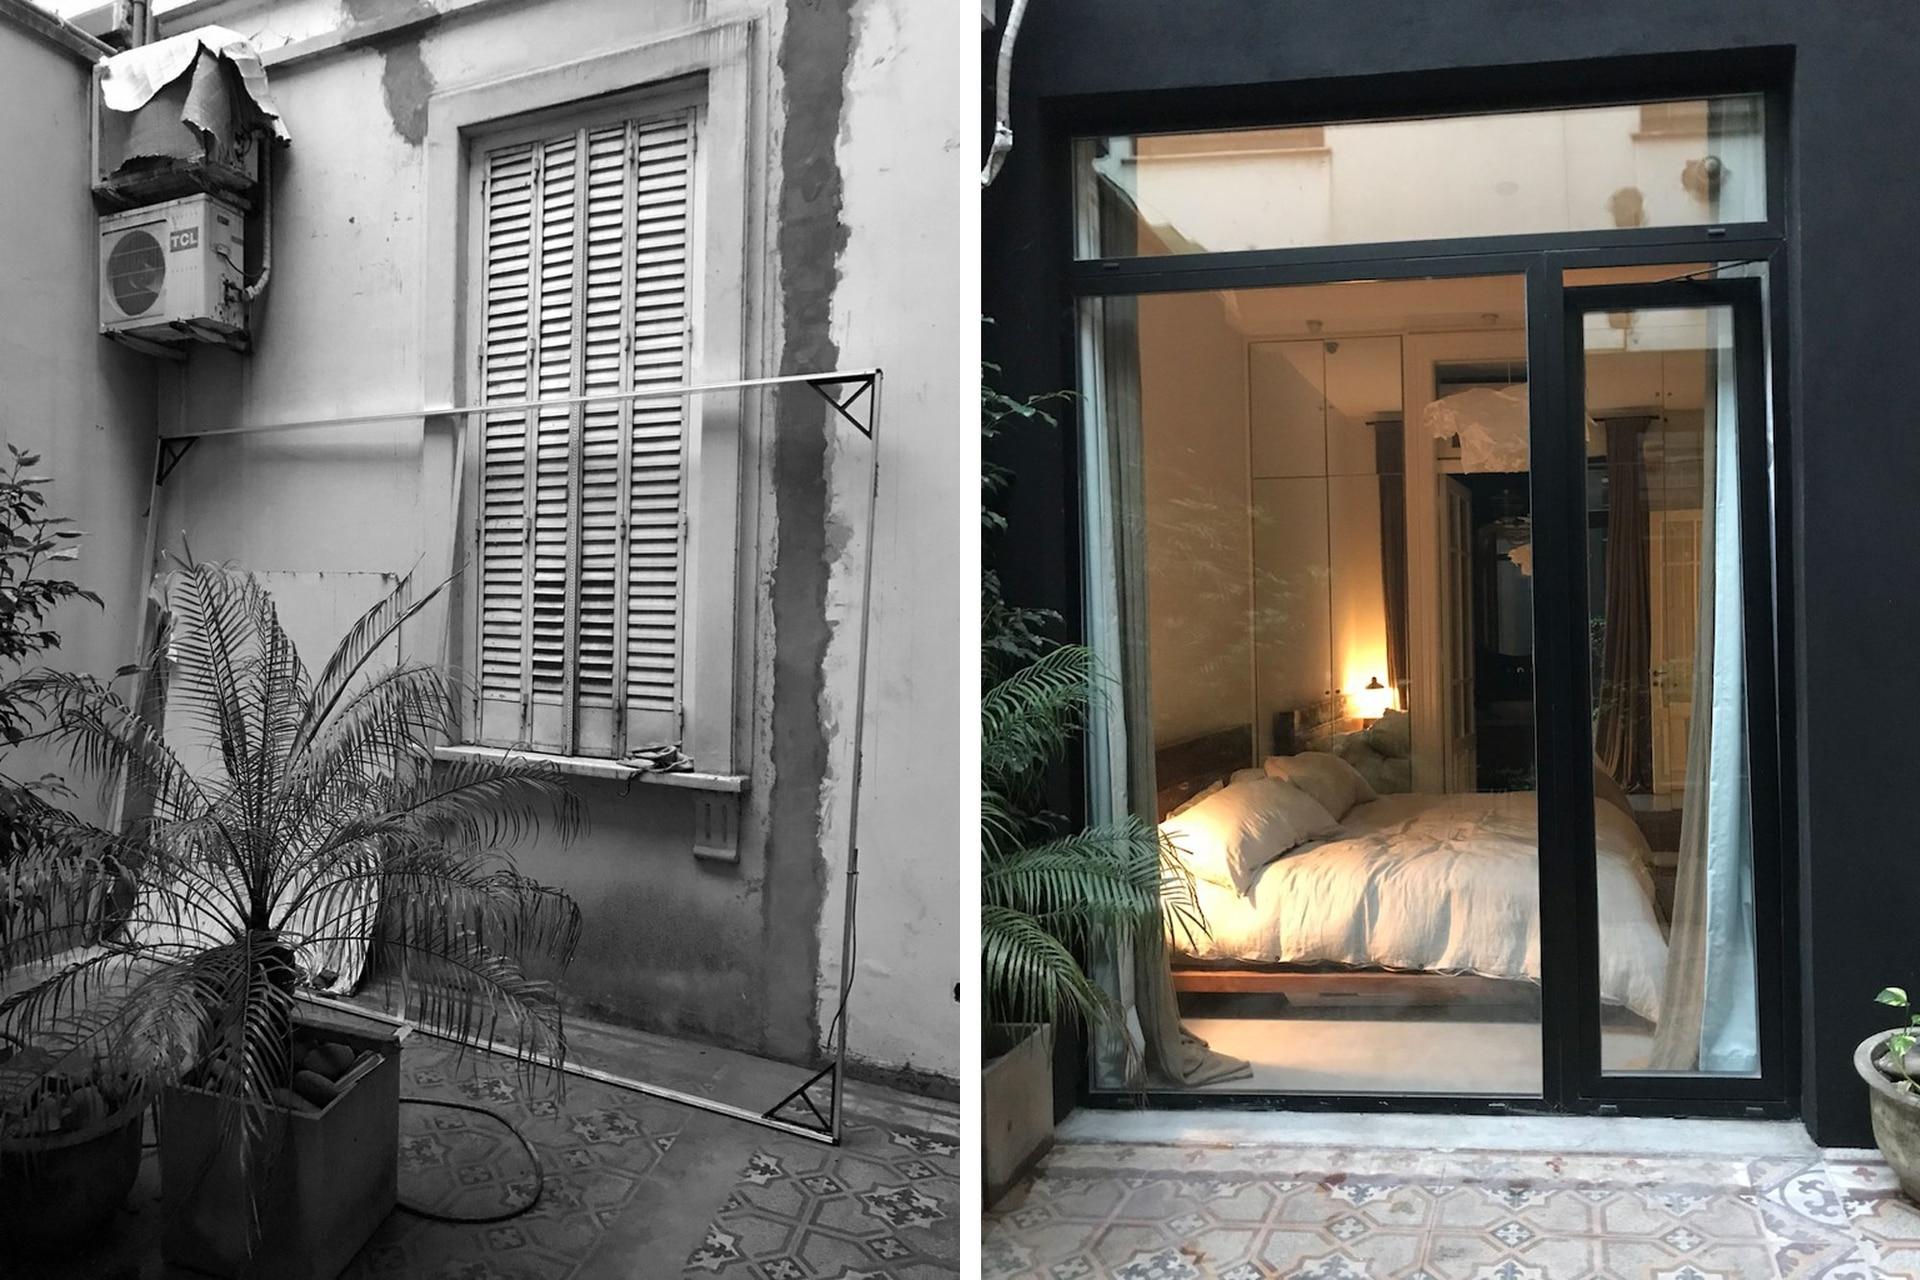 La abertura original fue reemplazadapor un gran ventanal que comunica el patio con el dormitorio.